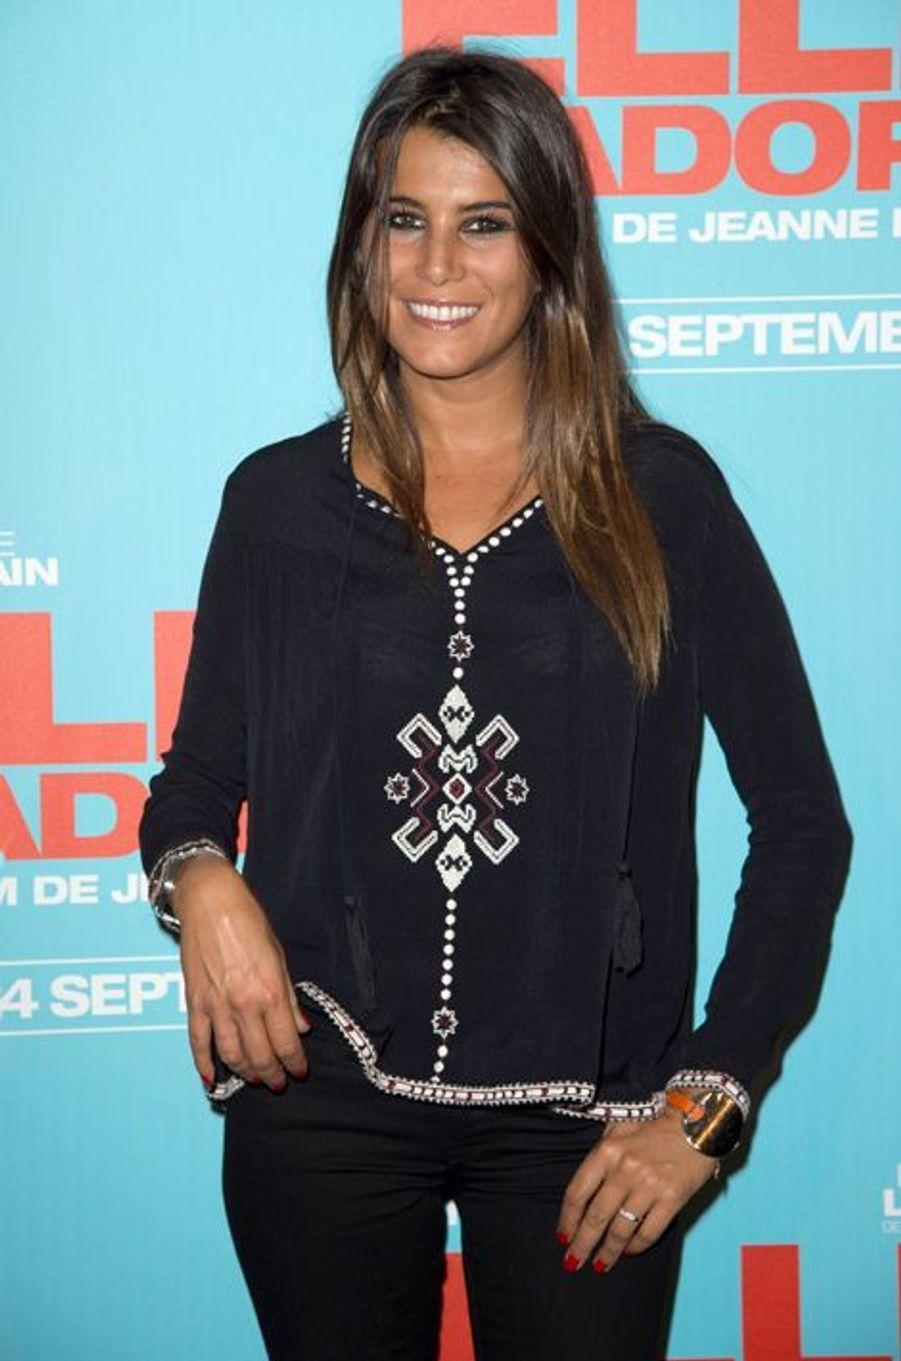 Karine Ferri à la première de «Elle l'adore» à Paris le 15 septembre 2014.